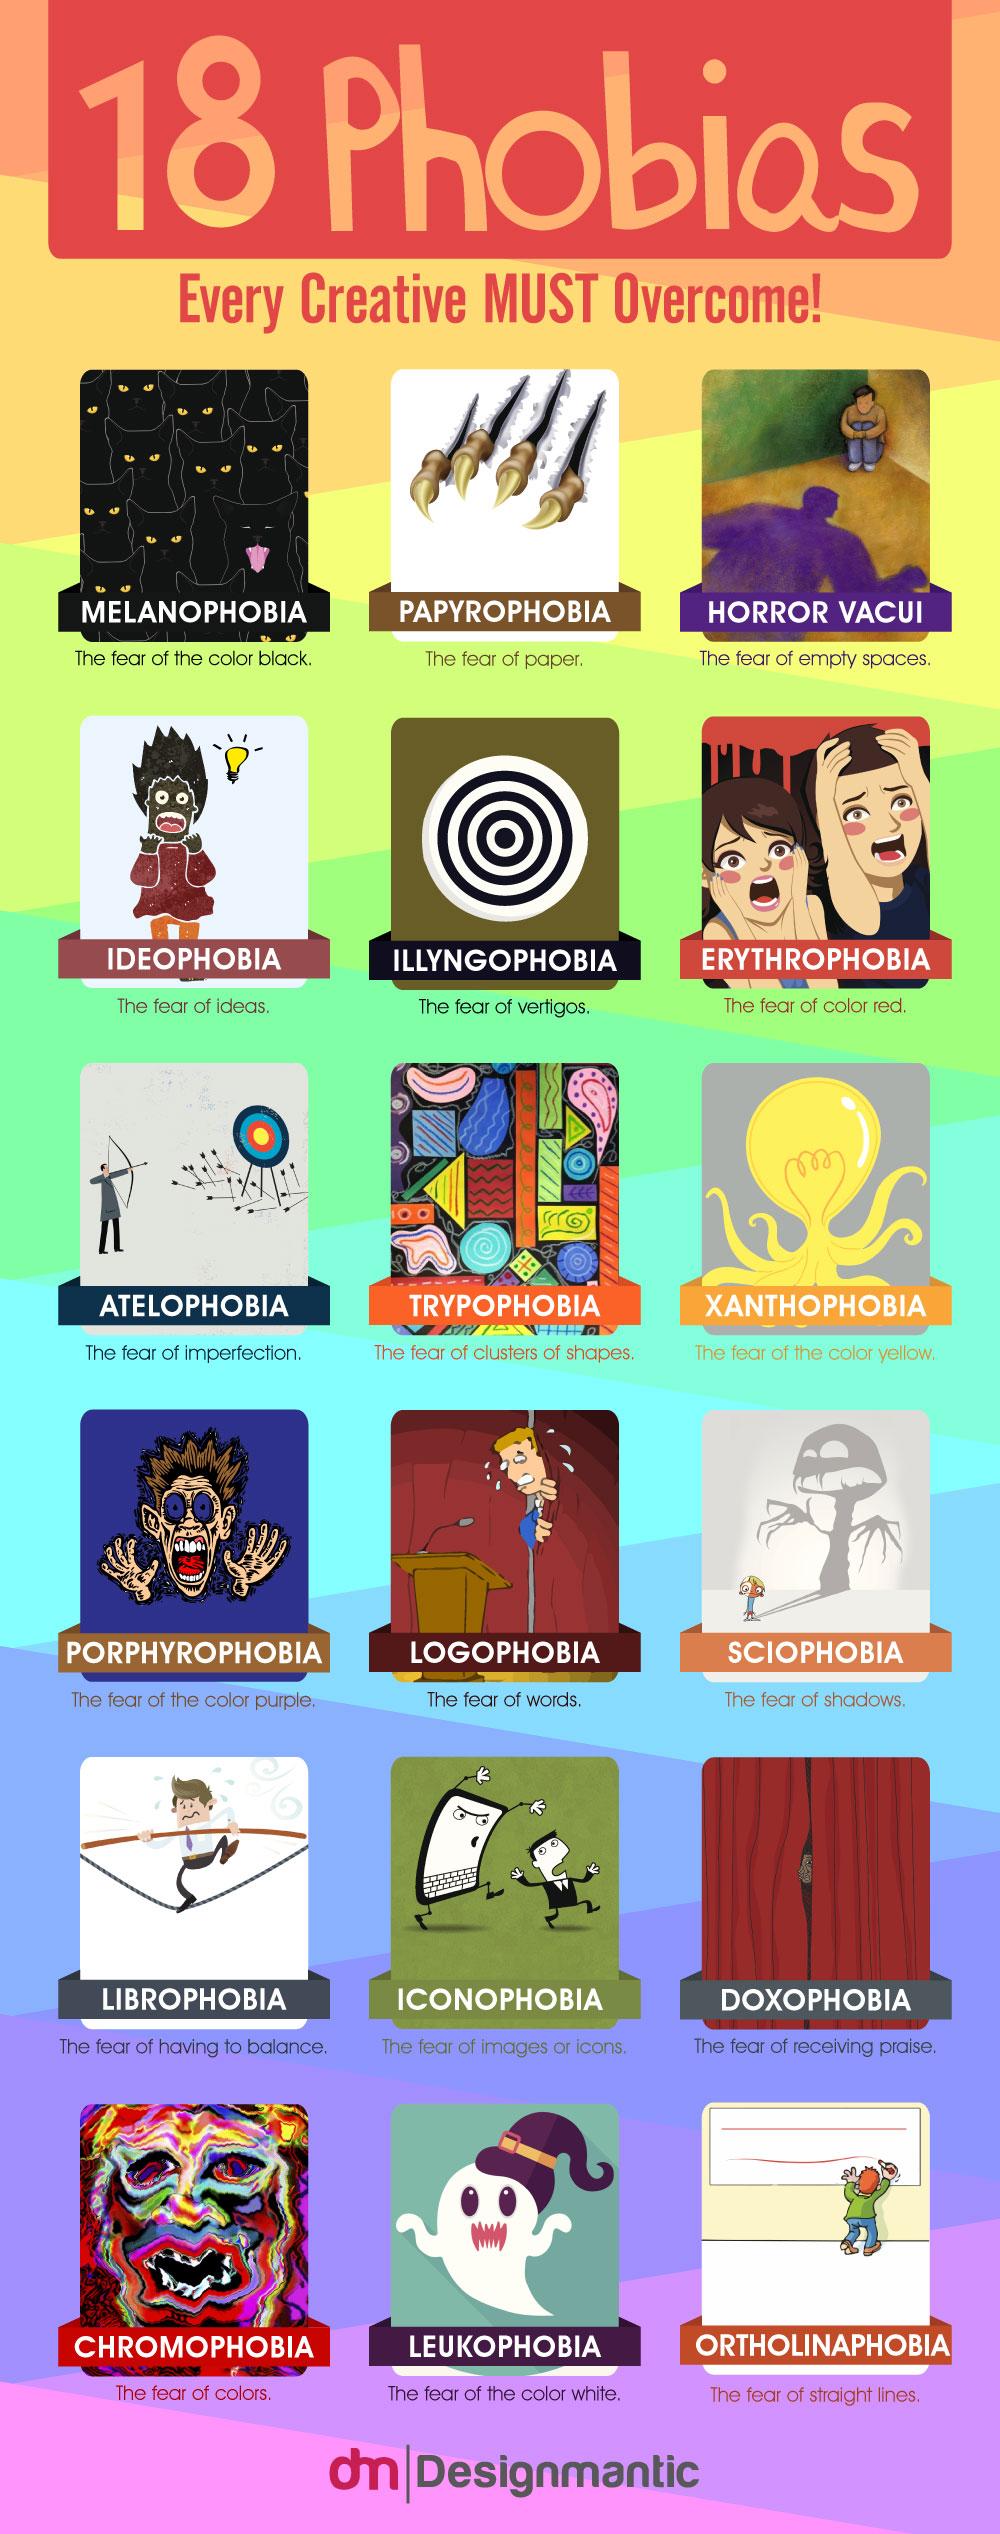 18 fobias que cualquier creativo debería superar